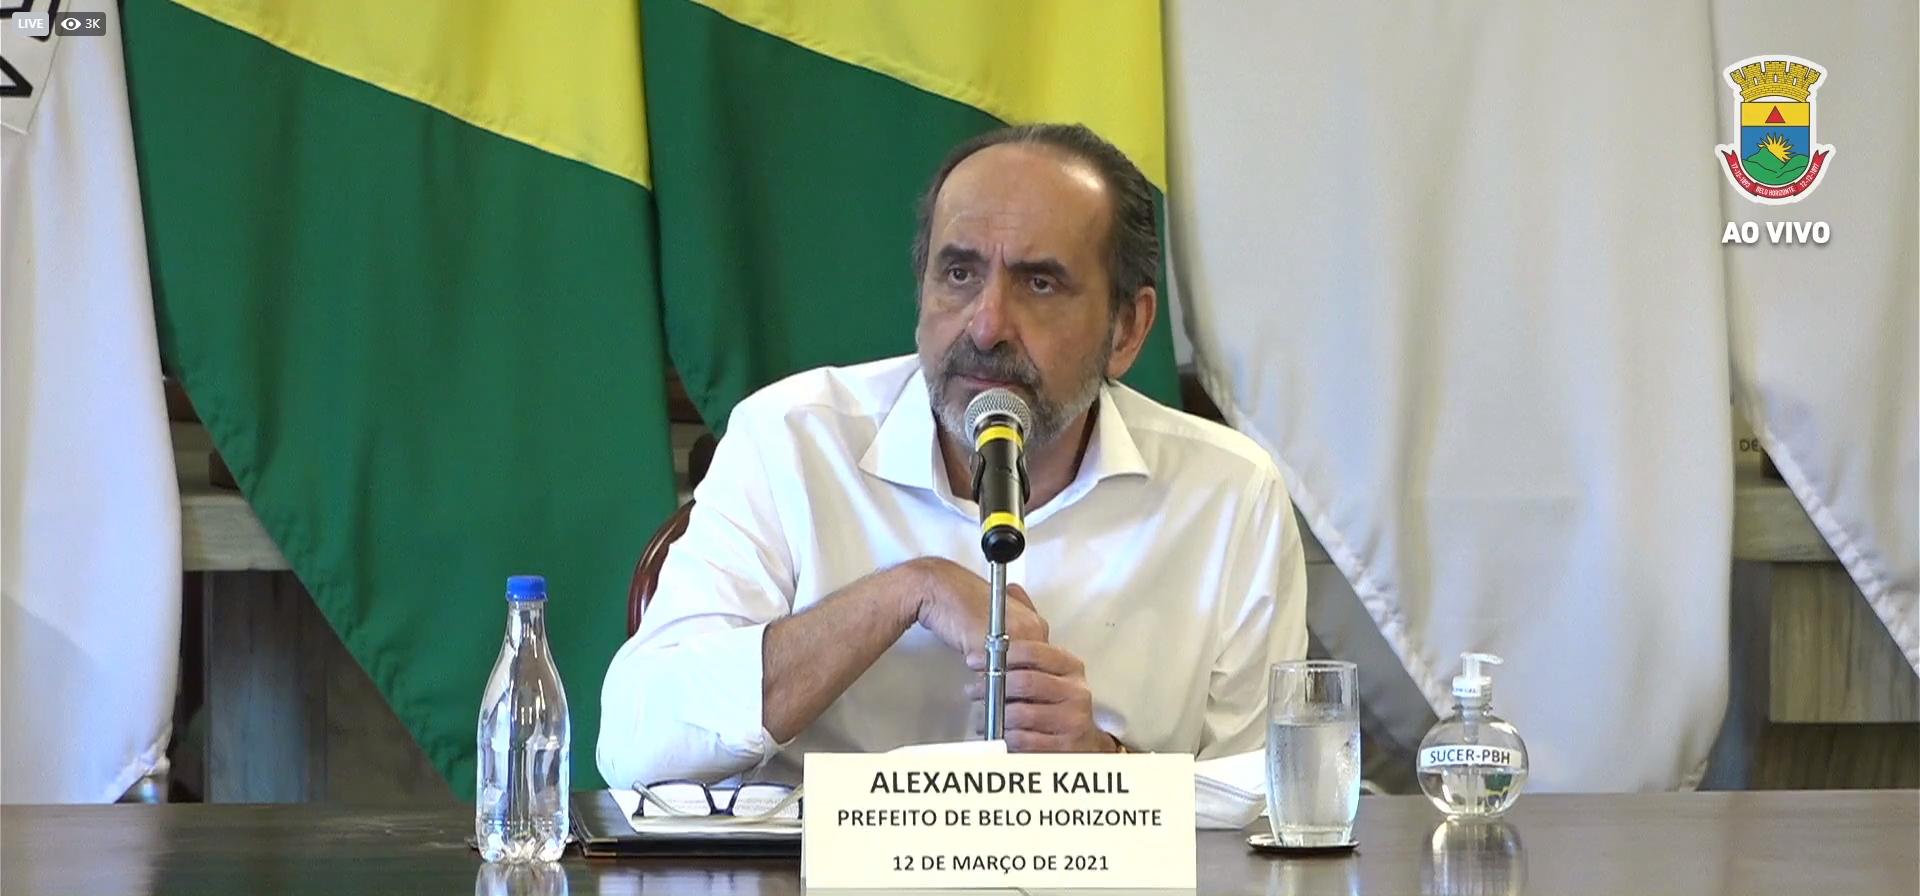 IMAGEM: Kalil anuncia que prefeitura de BH vai comprar 4 milhões de doses da Sputnik V